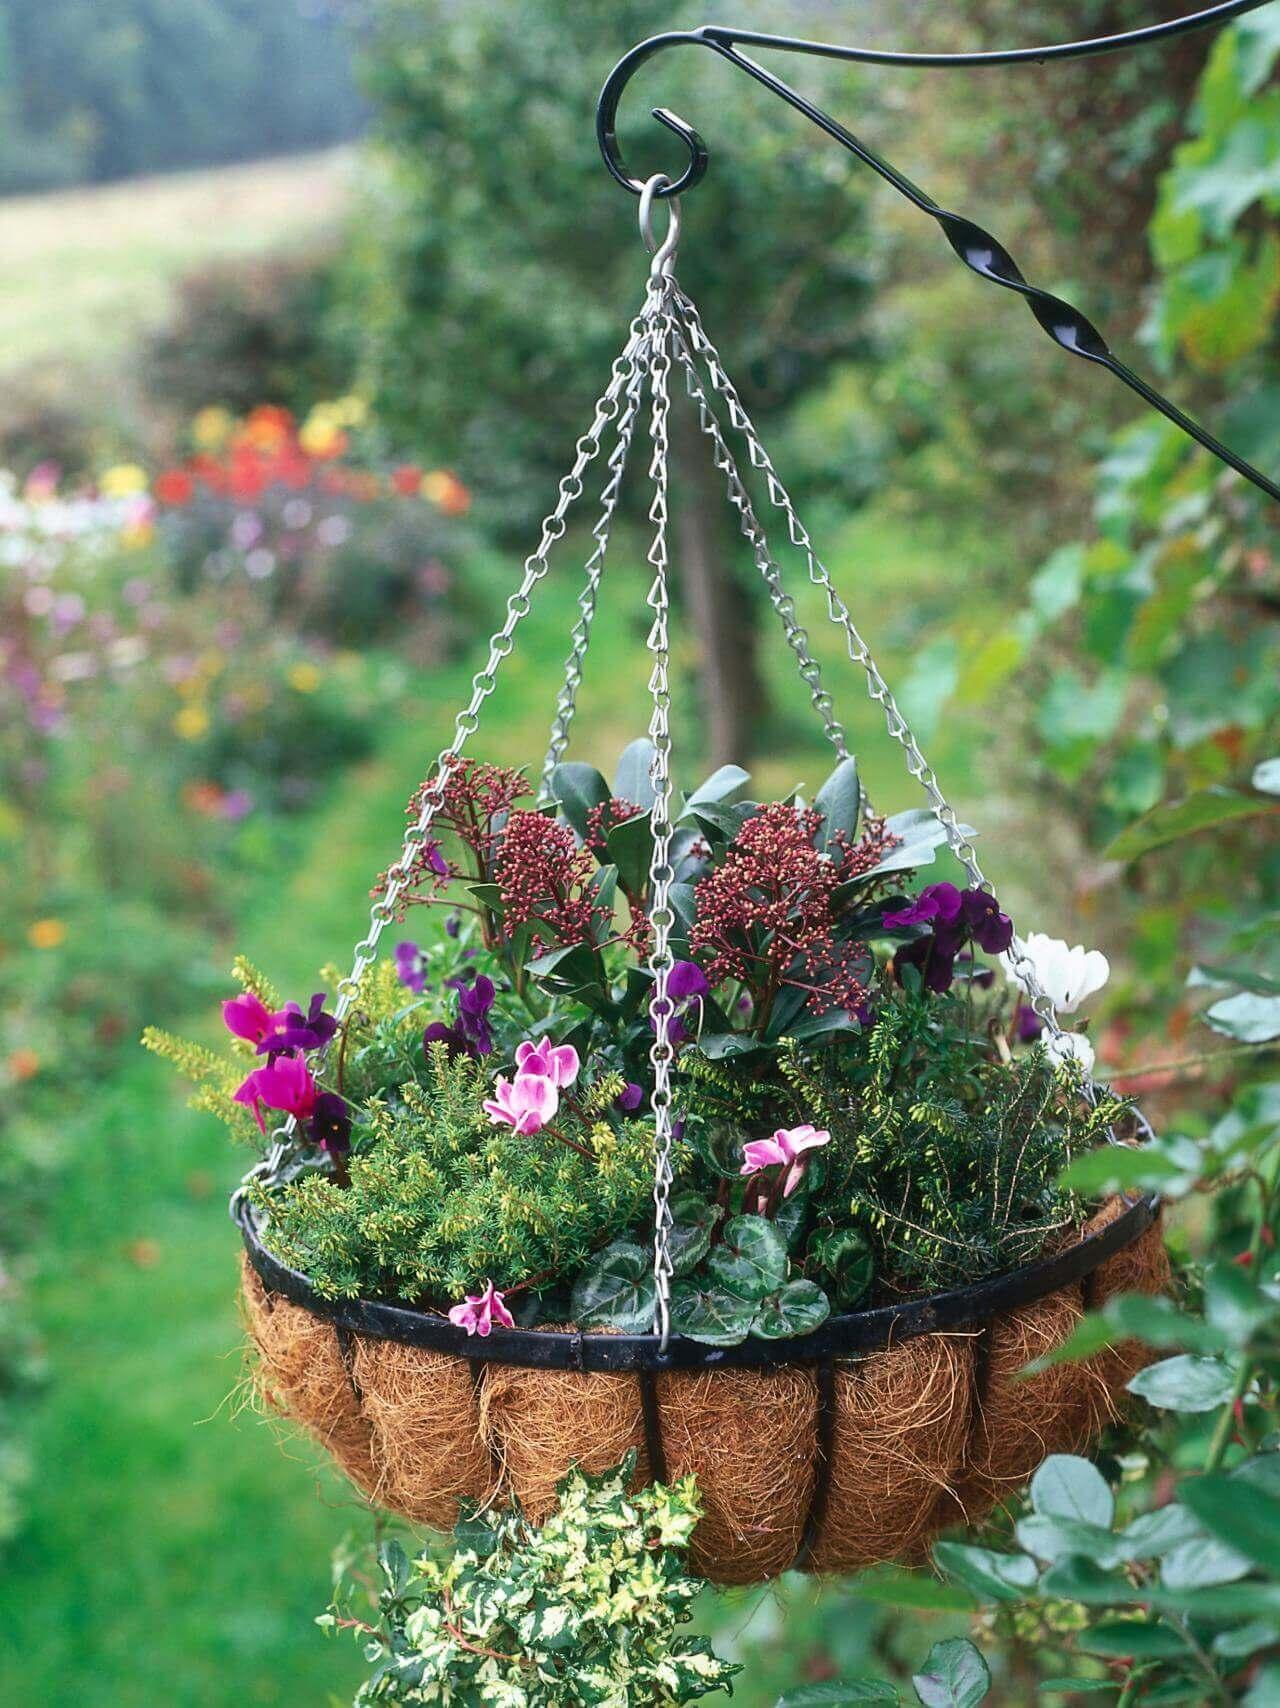 Piante sospese per decorare il giardino ecco 20 esempi a - Piante per giardino ...